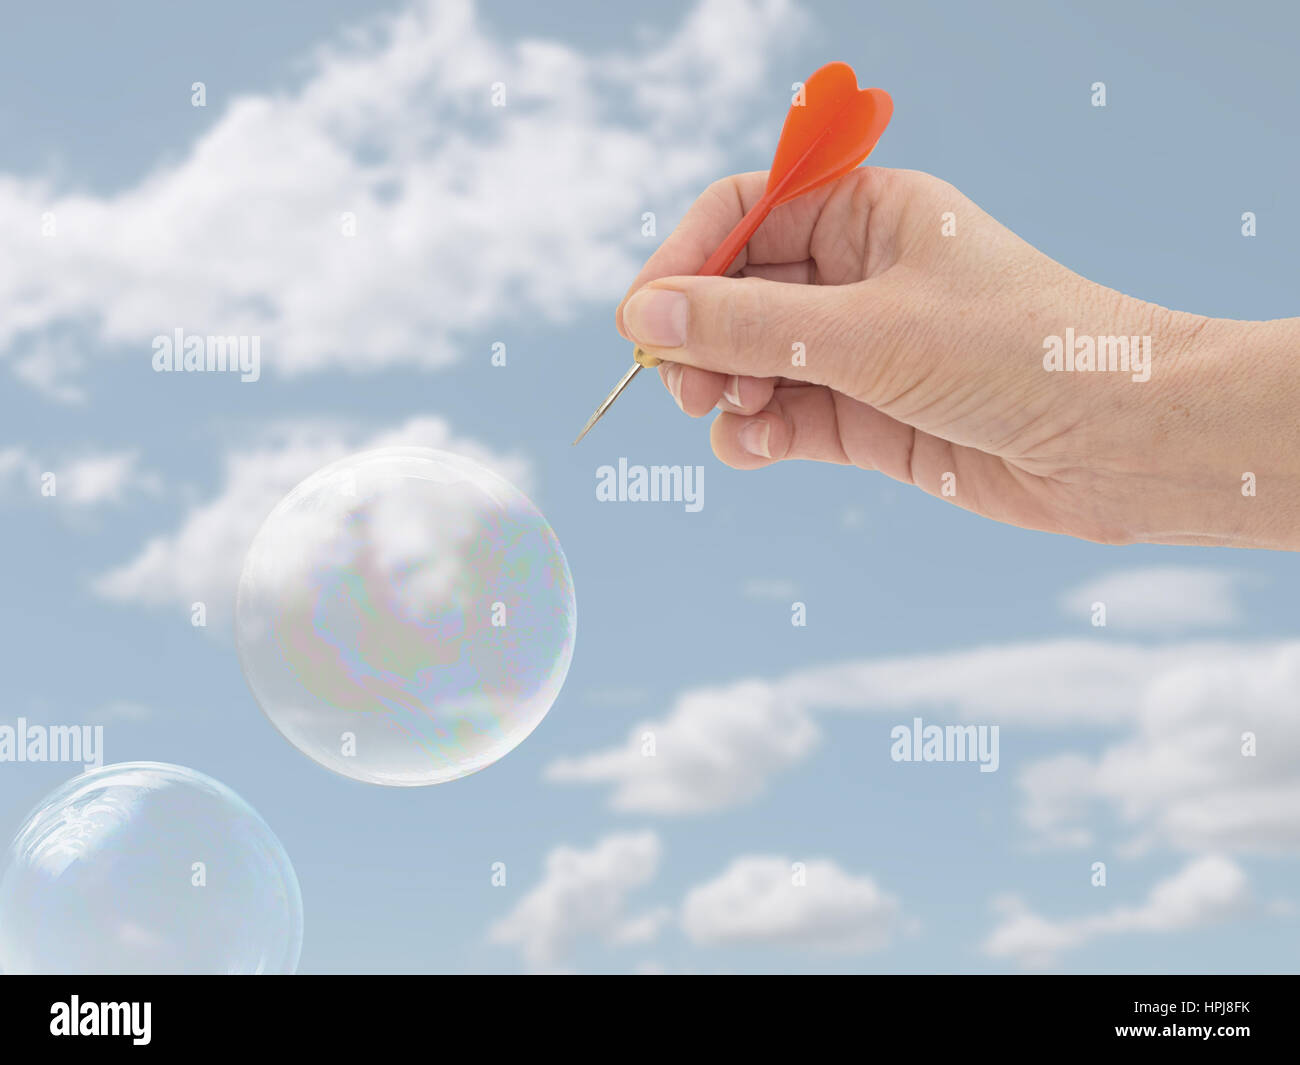 Far scoppiare le bolle concetto. Finanziarie, commerciali o concetto generale, metafora. Donna di mano. Immagini Stock